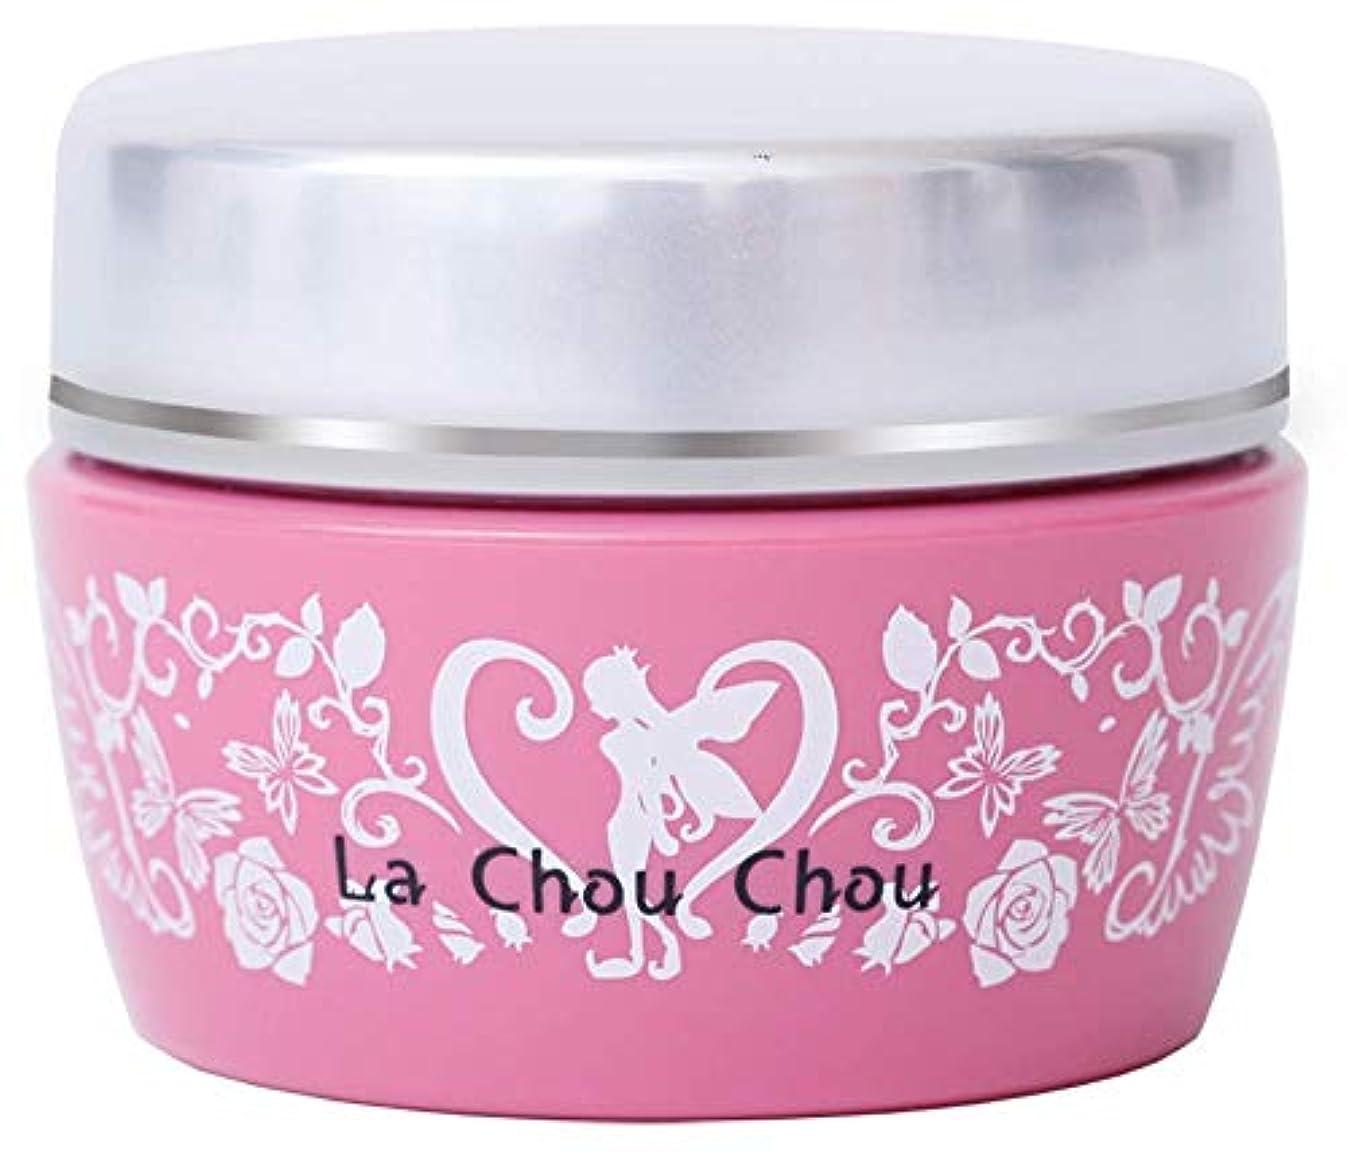 ワットメトロポリタン速記la chou chou ラシュシュナノプラス 3個セット ラシュシュ バストクリーム バストジェル